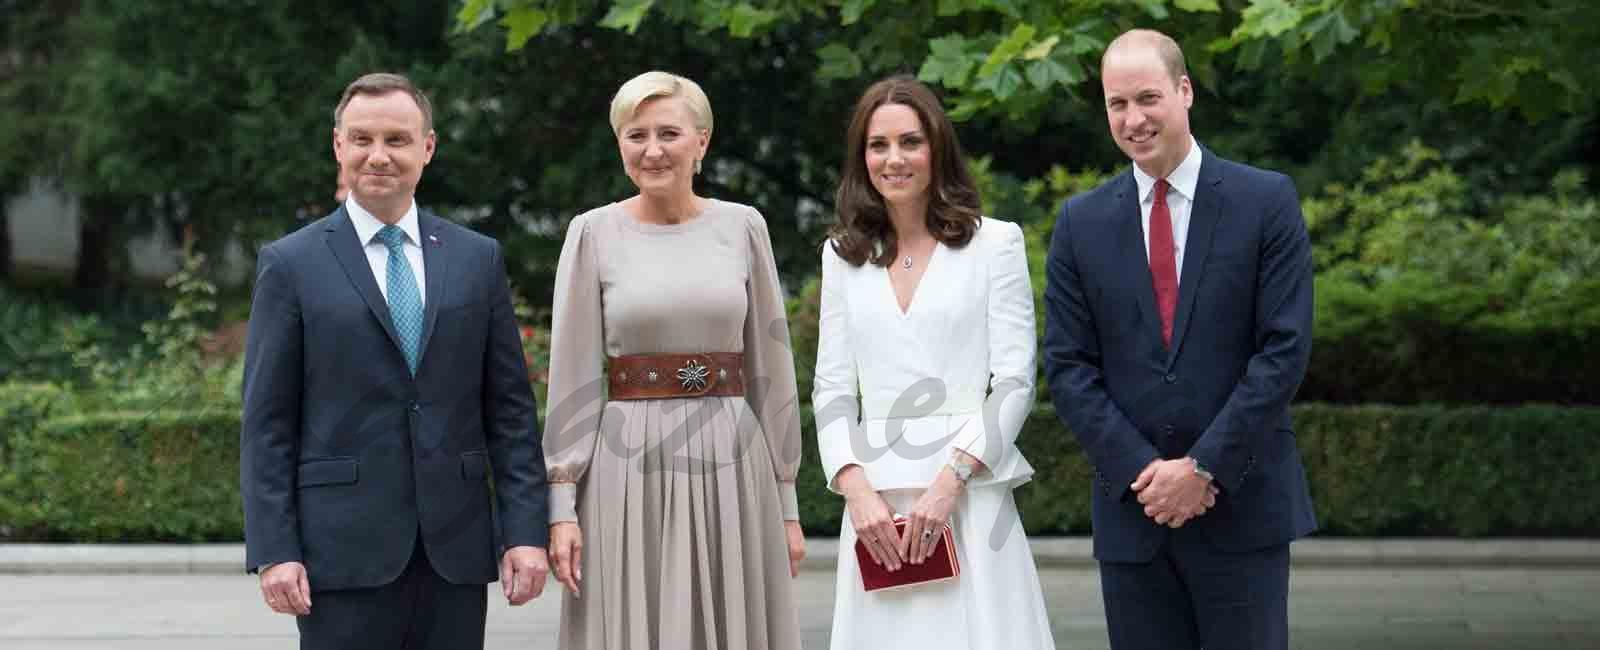 Los Duques de Cambridge llevan a sus hijos de viaje oficial a Polonia